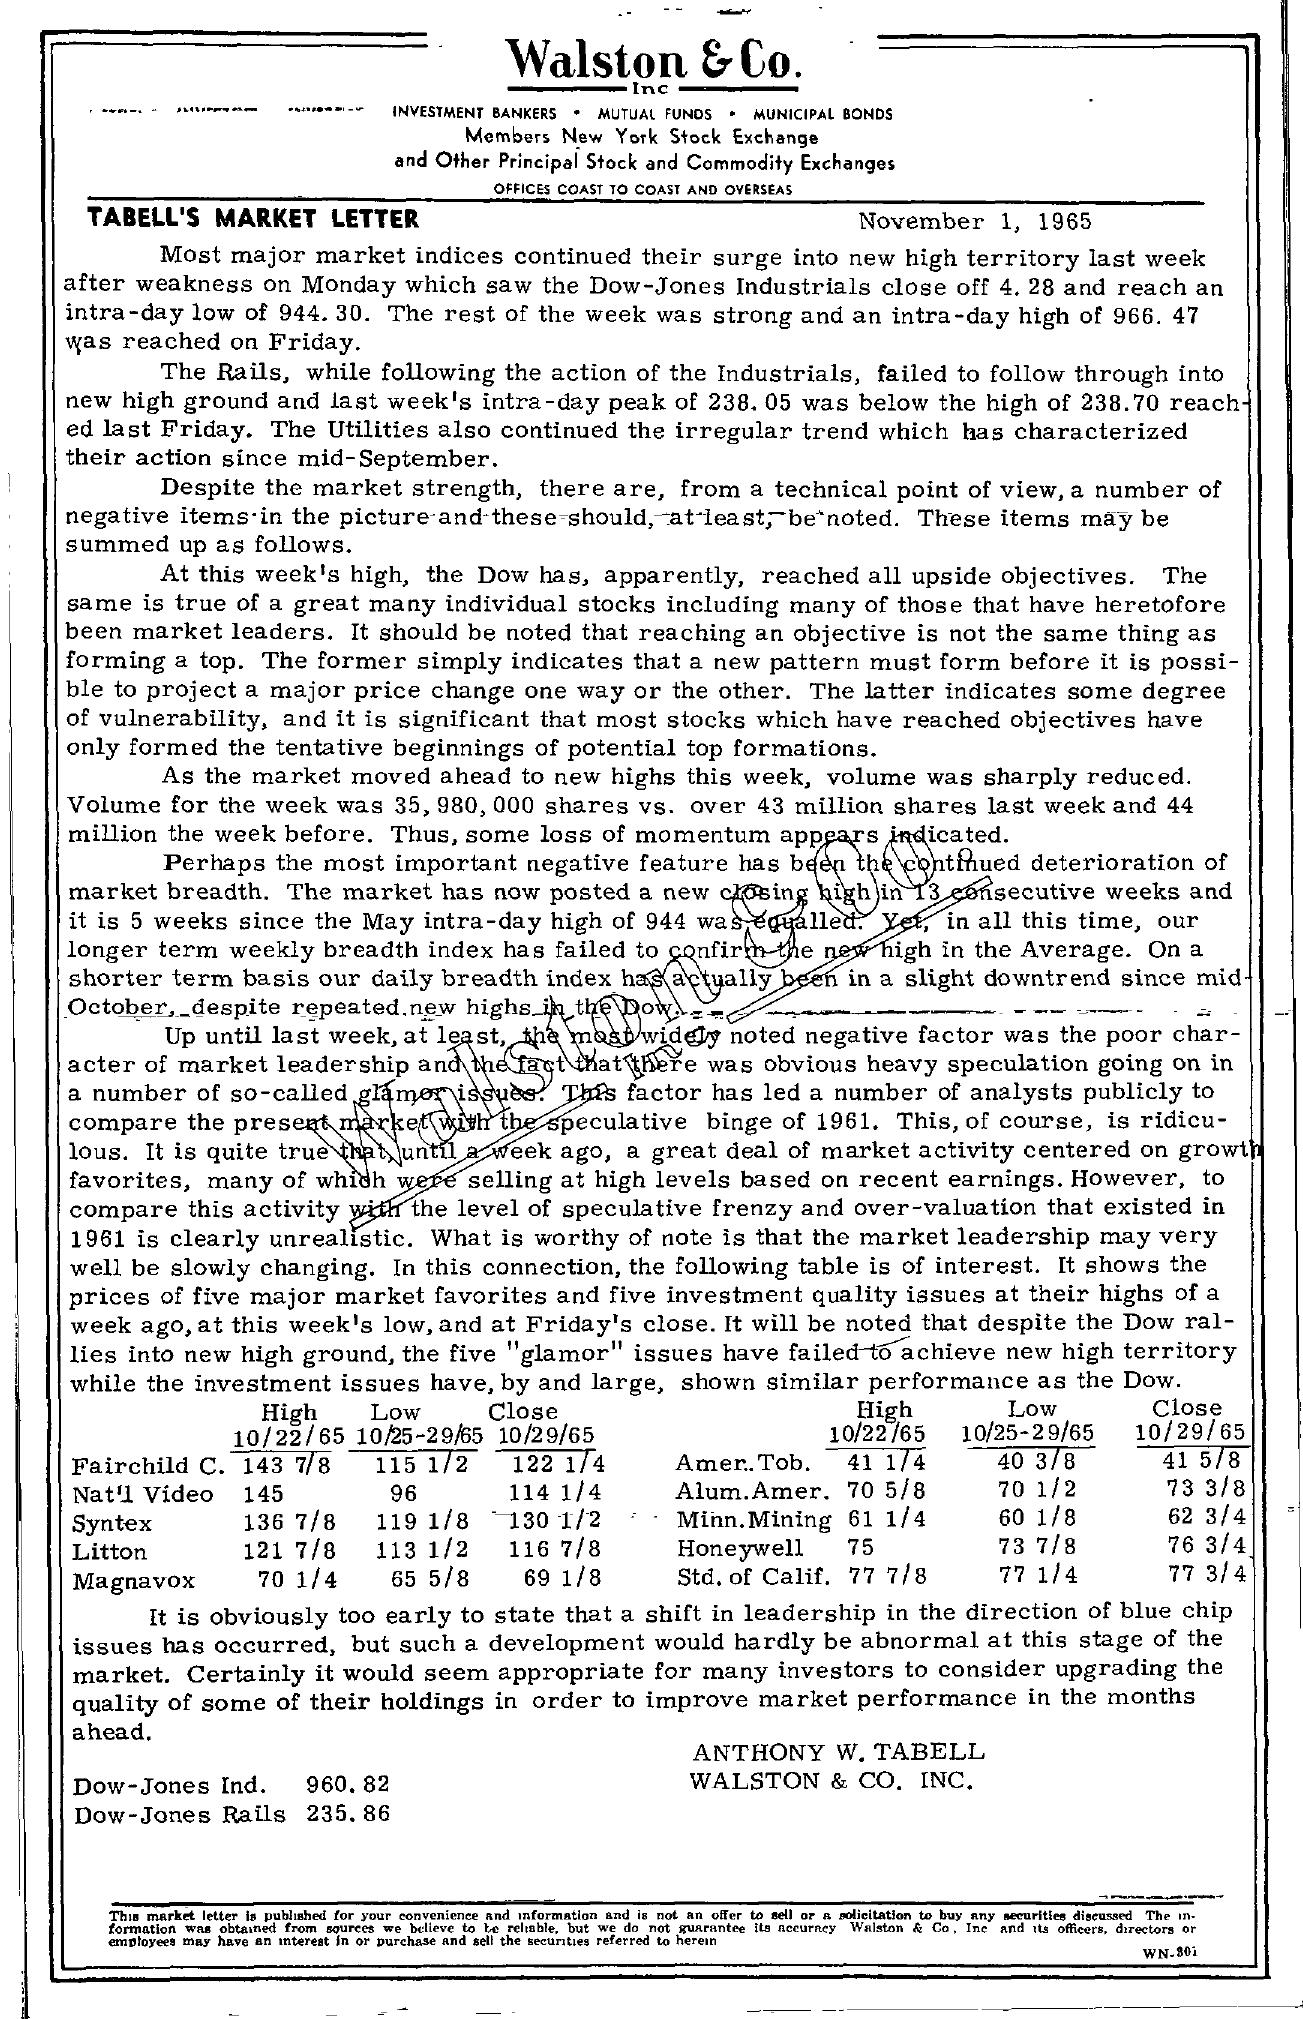 Tabell's Market Letter - November 01, 1965